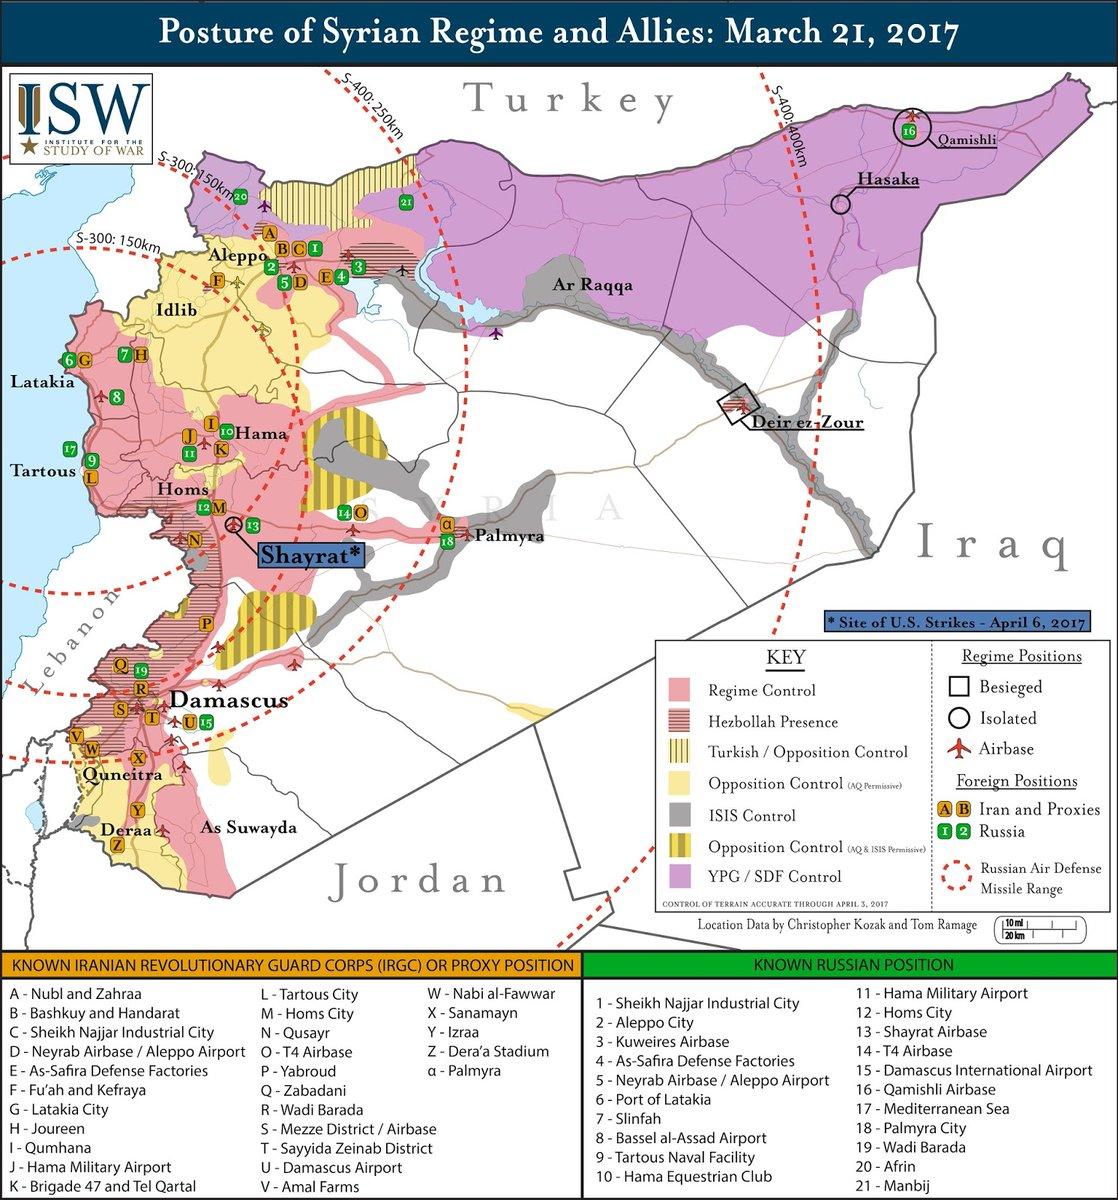 Quattro domande per capire cosa sta succedendo in Siria